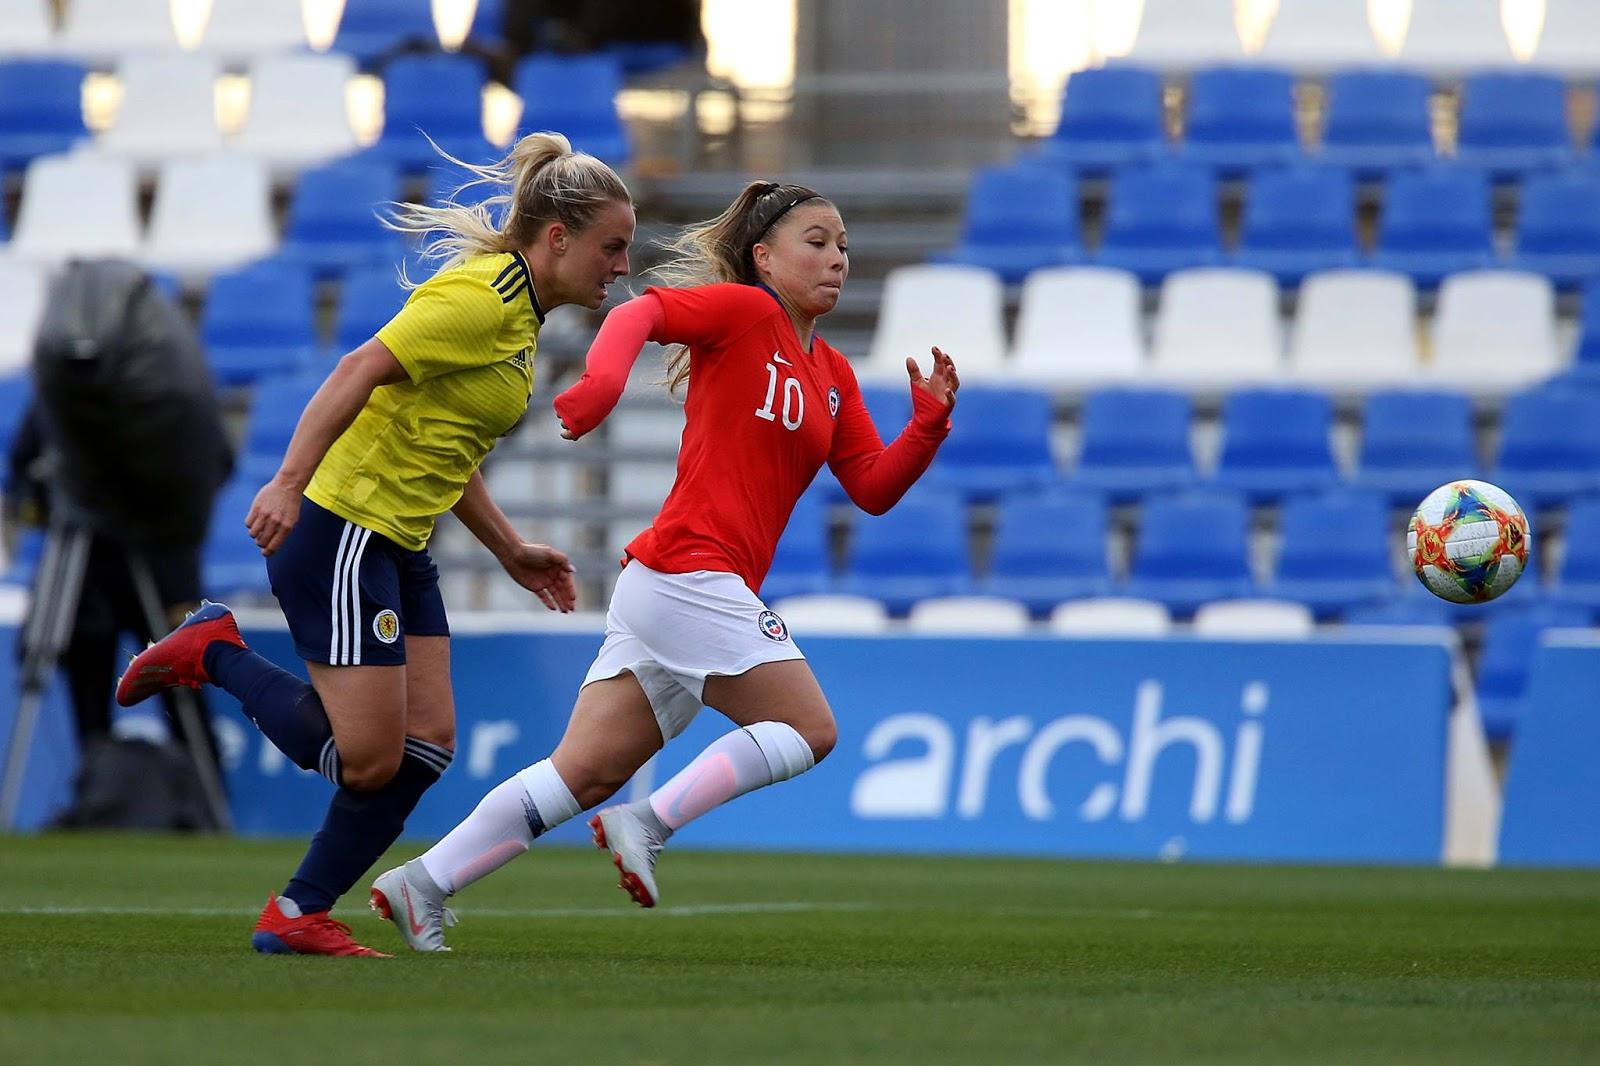 Escocia y Chile en partido amistoso femenino, 5 de abril de 2019